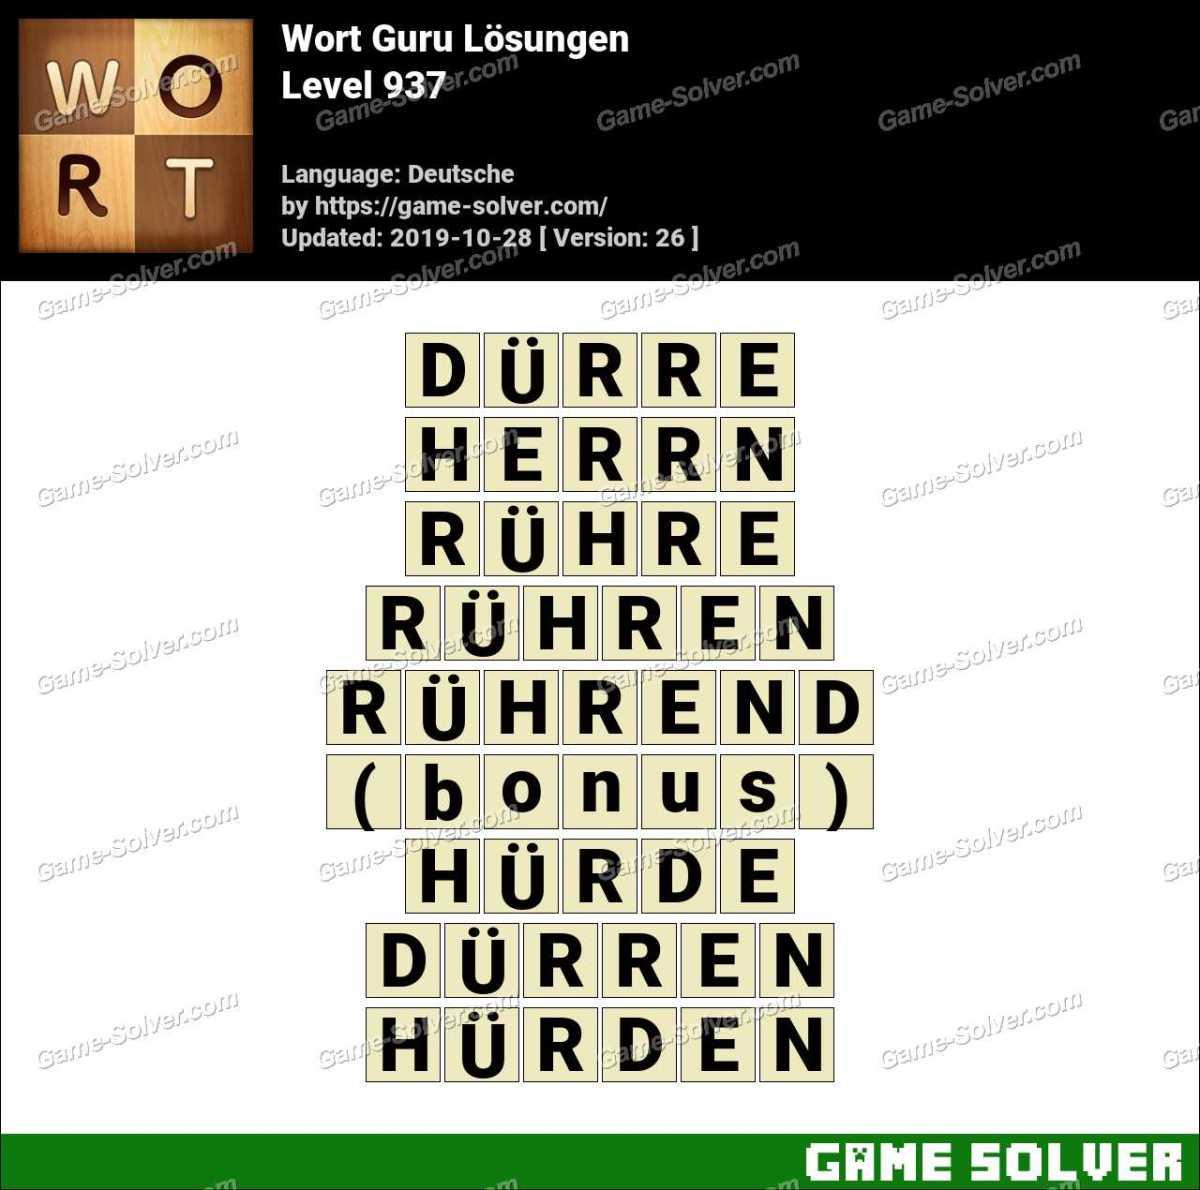 Wort Guru Level 937 Lösungen